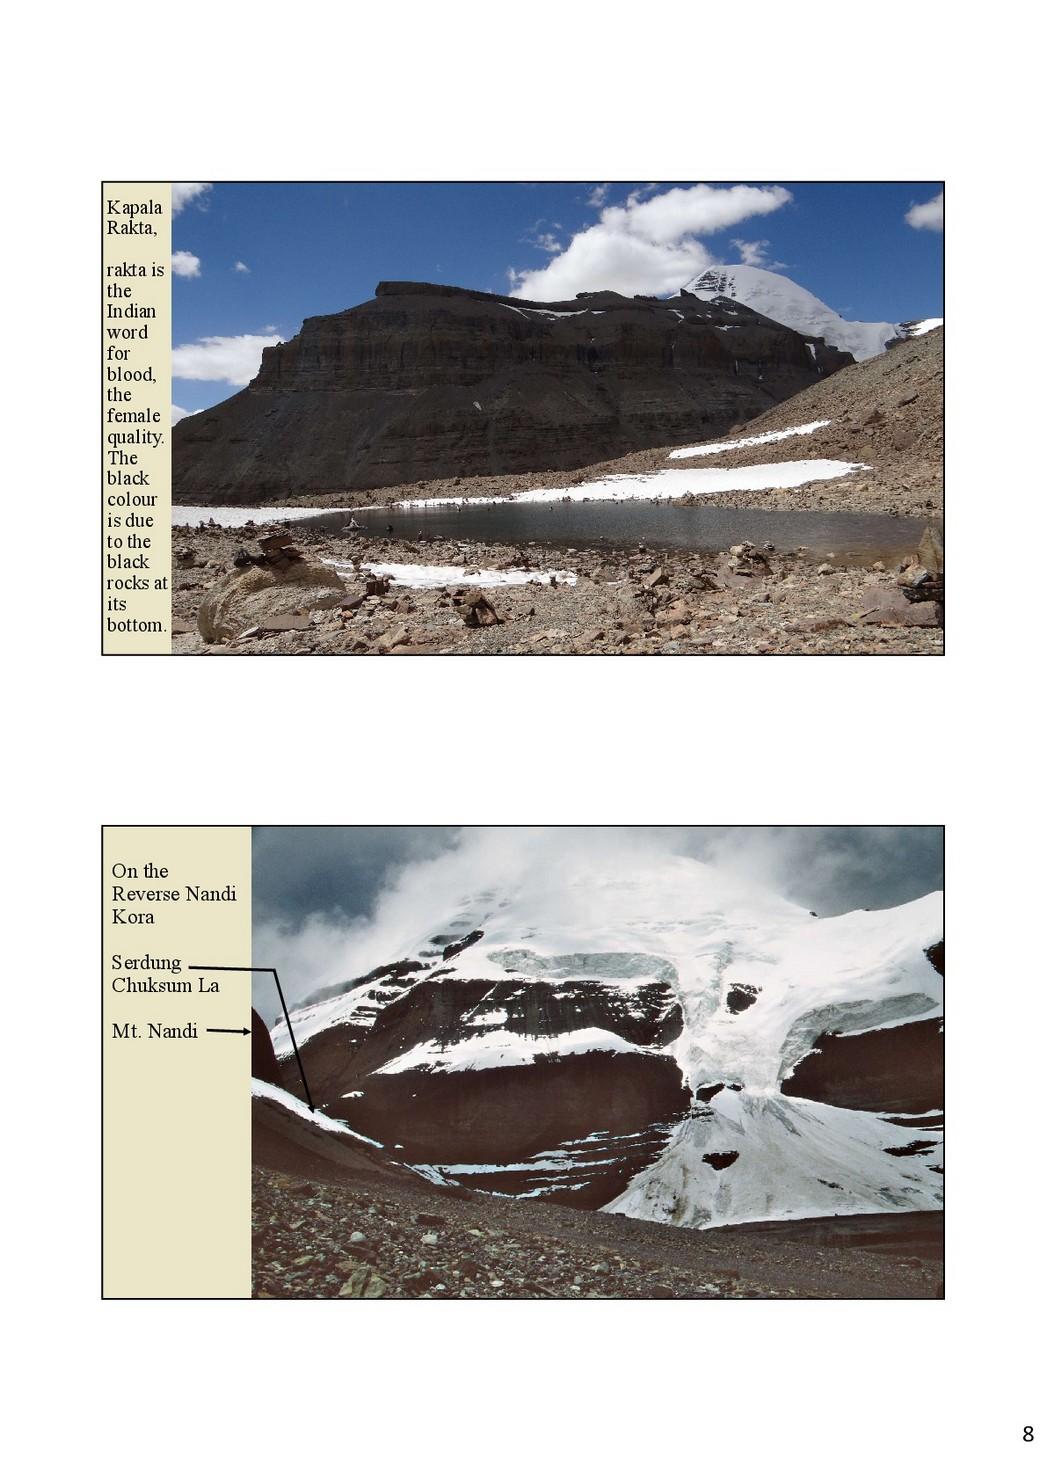 Spiral-Kora-of-Mt.-Kailash-36